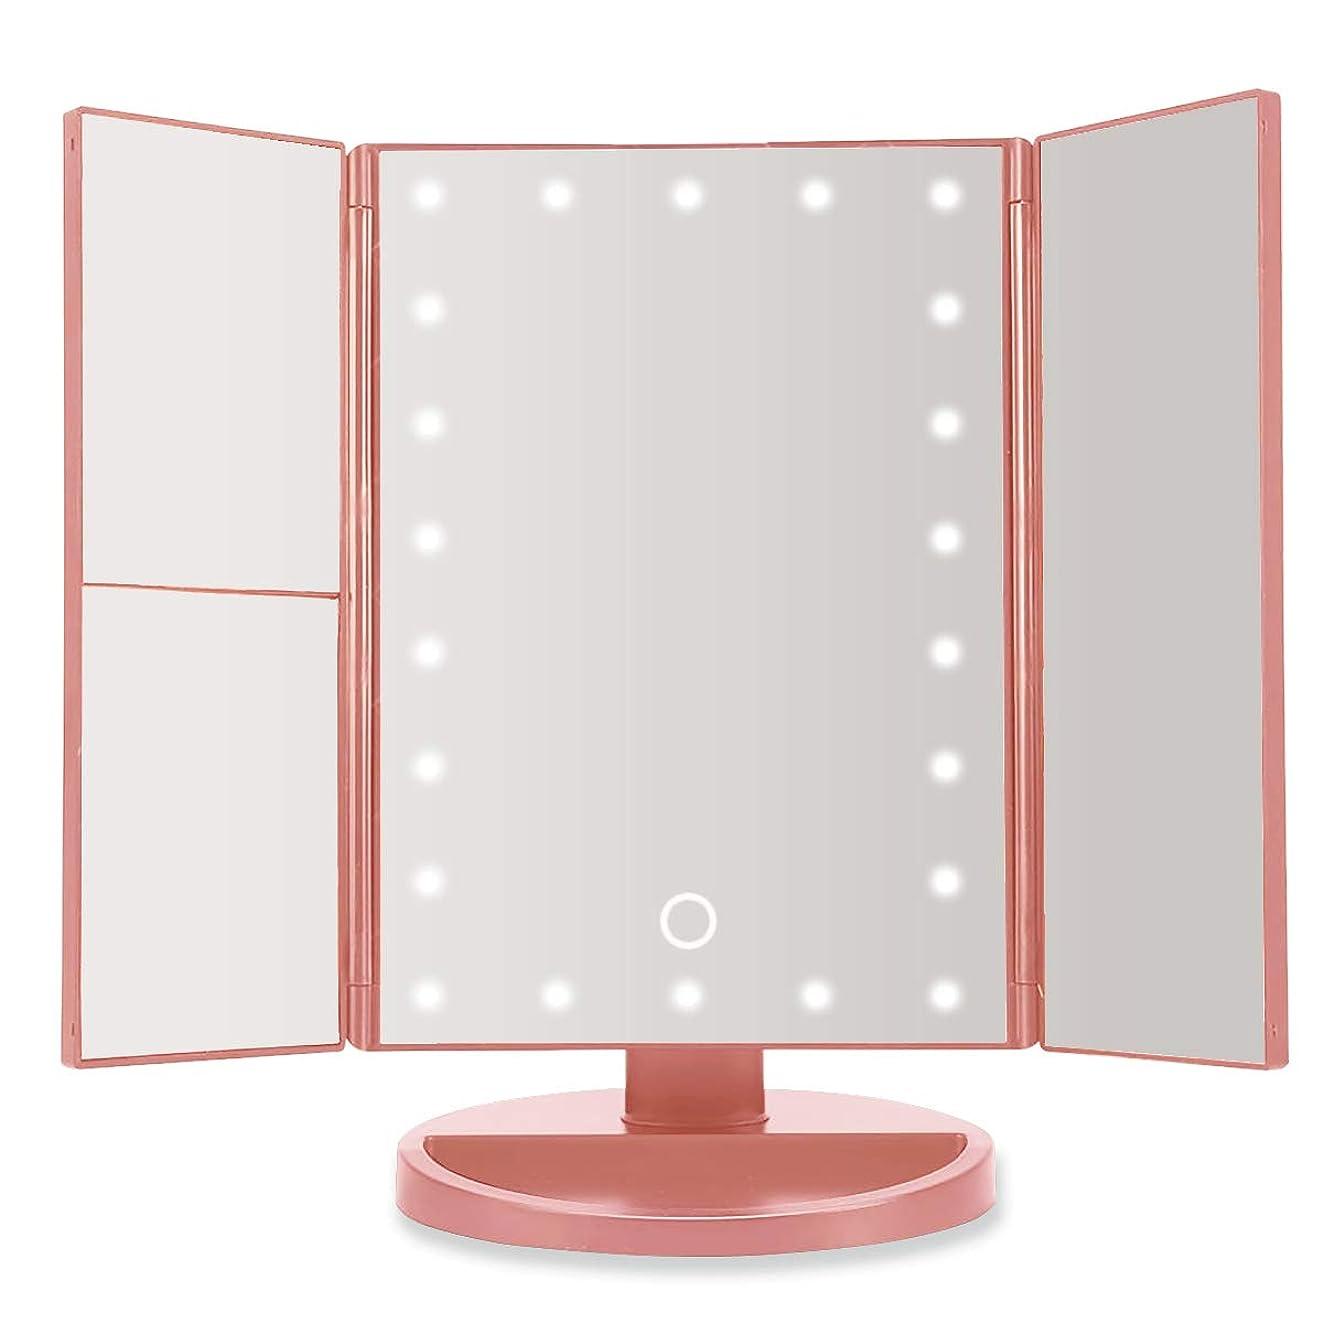 動かす寝具ワーム22LED付き3面鏡卓上女優ミラー ピンク